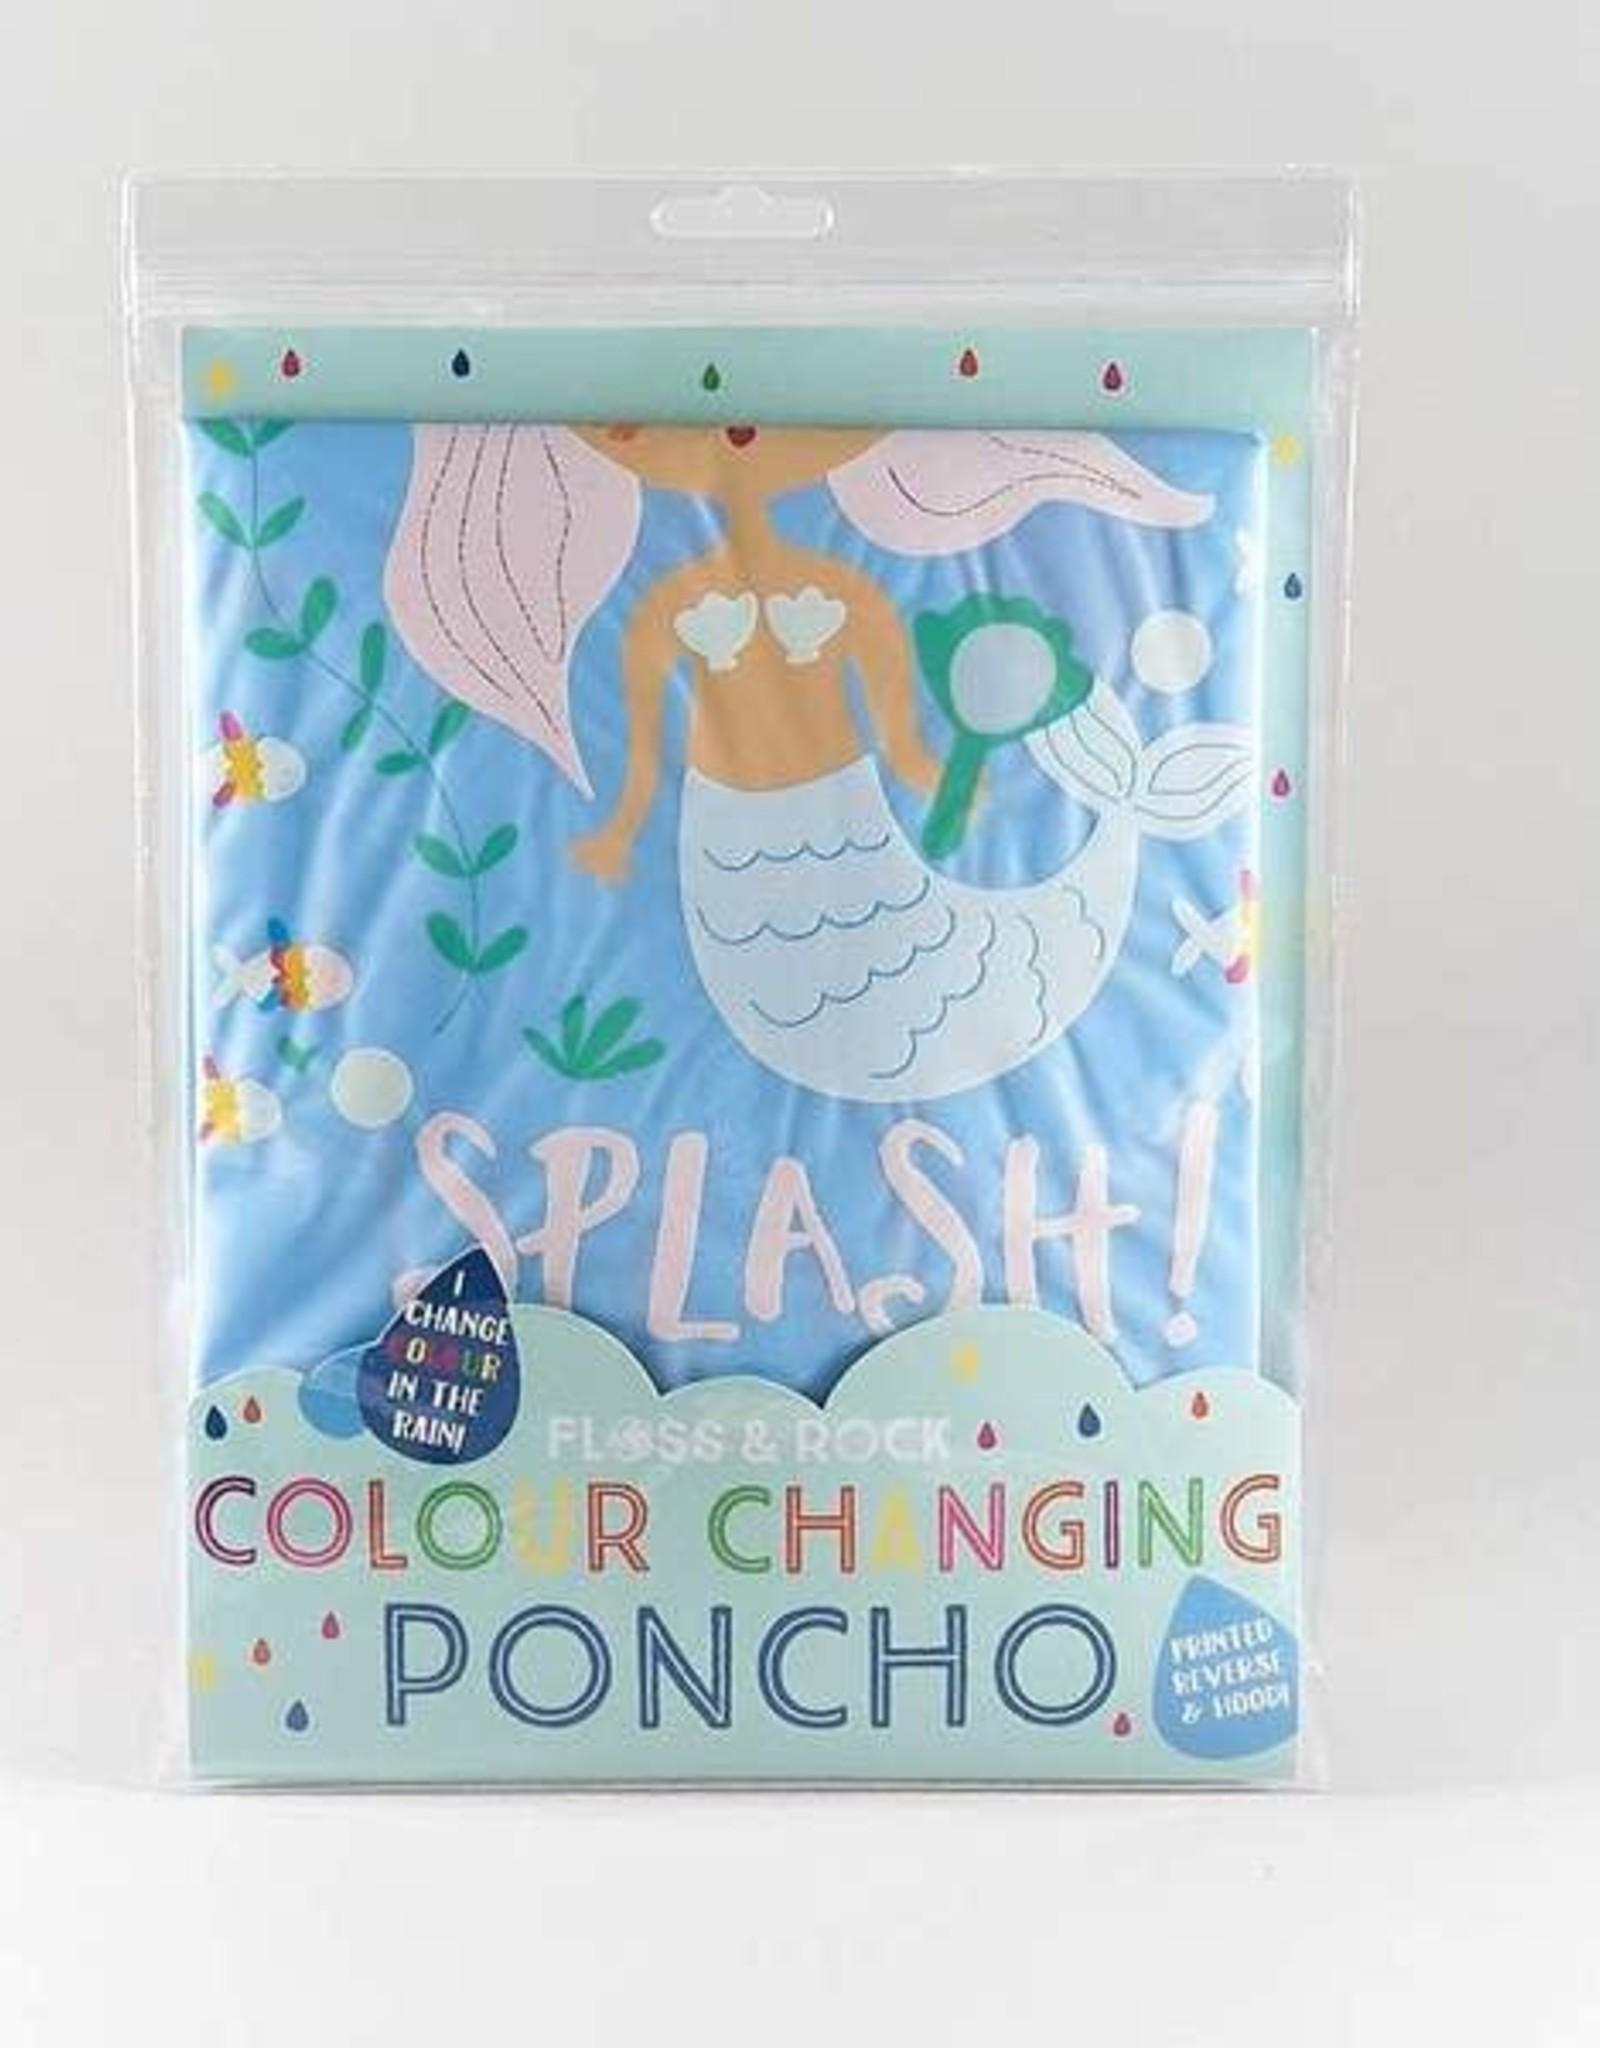 Floss & Rock Poncho Mermaid